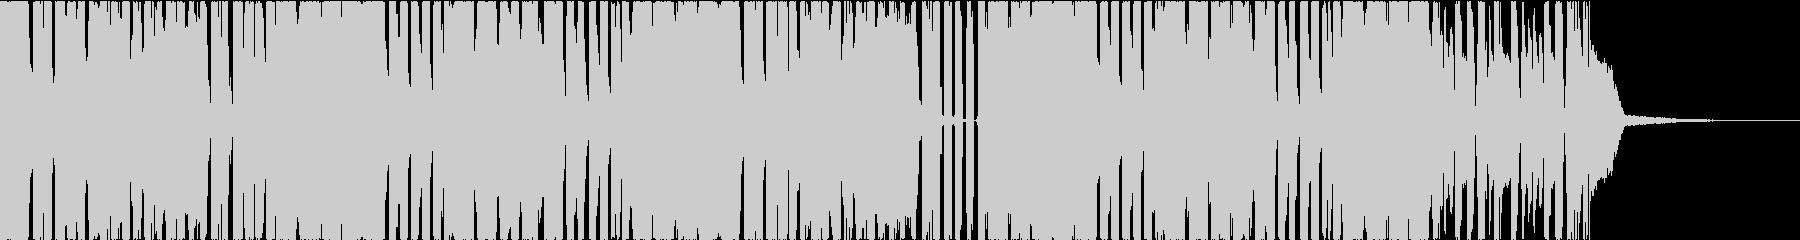 ノリノリdubstep-短縮版-の未再生の波形